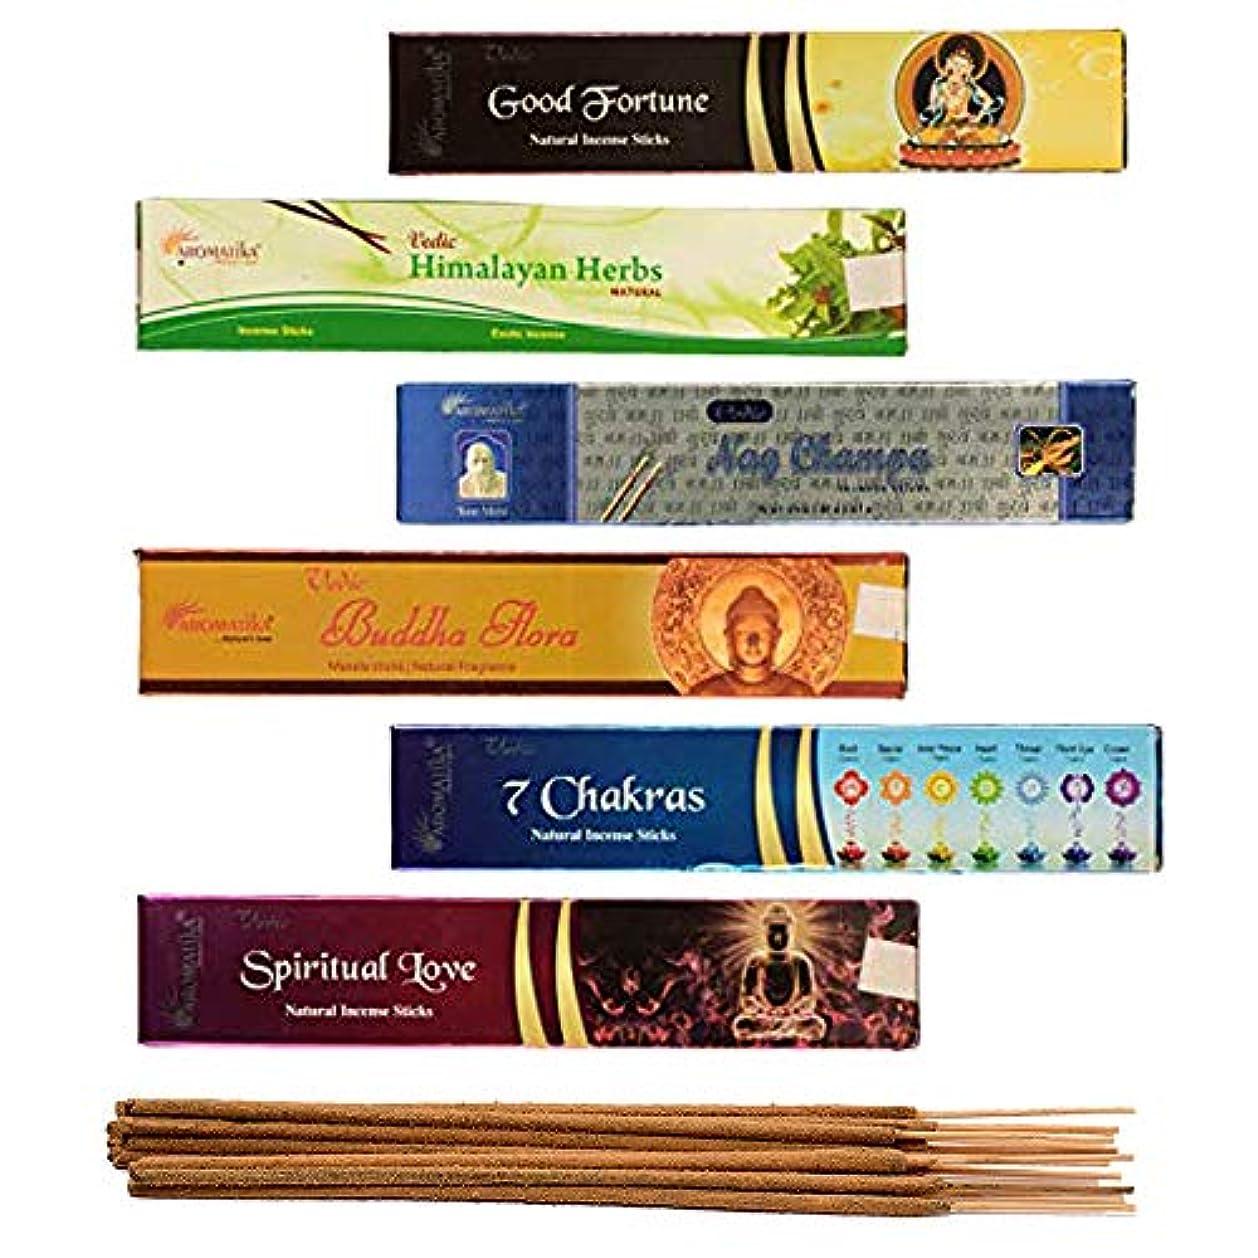 里親リビジョン保証金aromatika 6 Assorted Masala Incense Sticks Vedic Nag Champa、7チャクラ、ブッダFlora、Himalayanハーブ、Good Fortune、Spiritual...